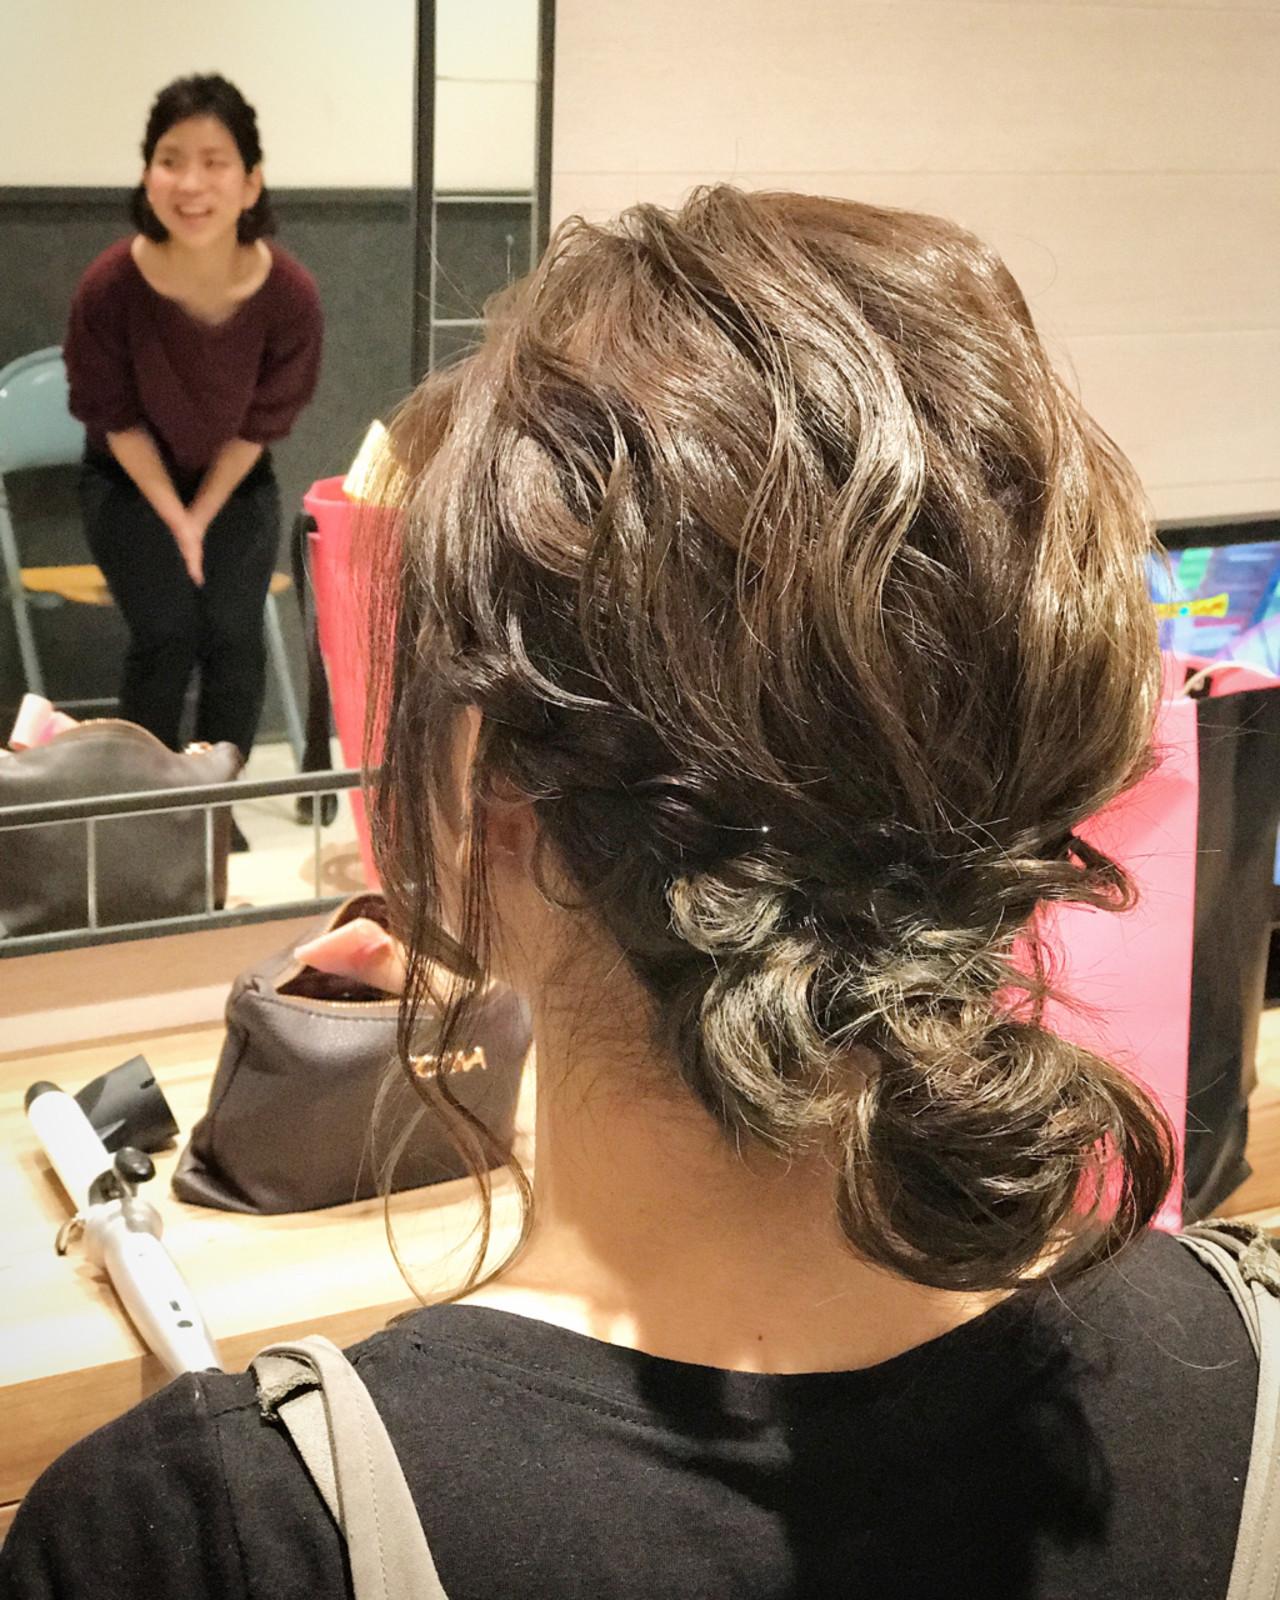 ミディアム 簡単 フェミニン ヘアアレンジヘアスタイルや髪型の写真・画像